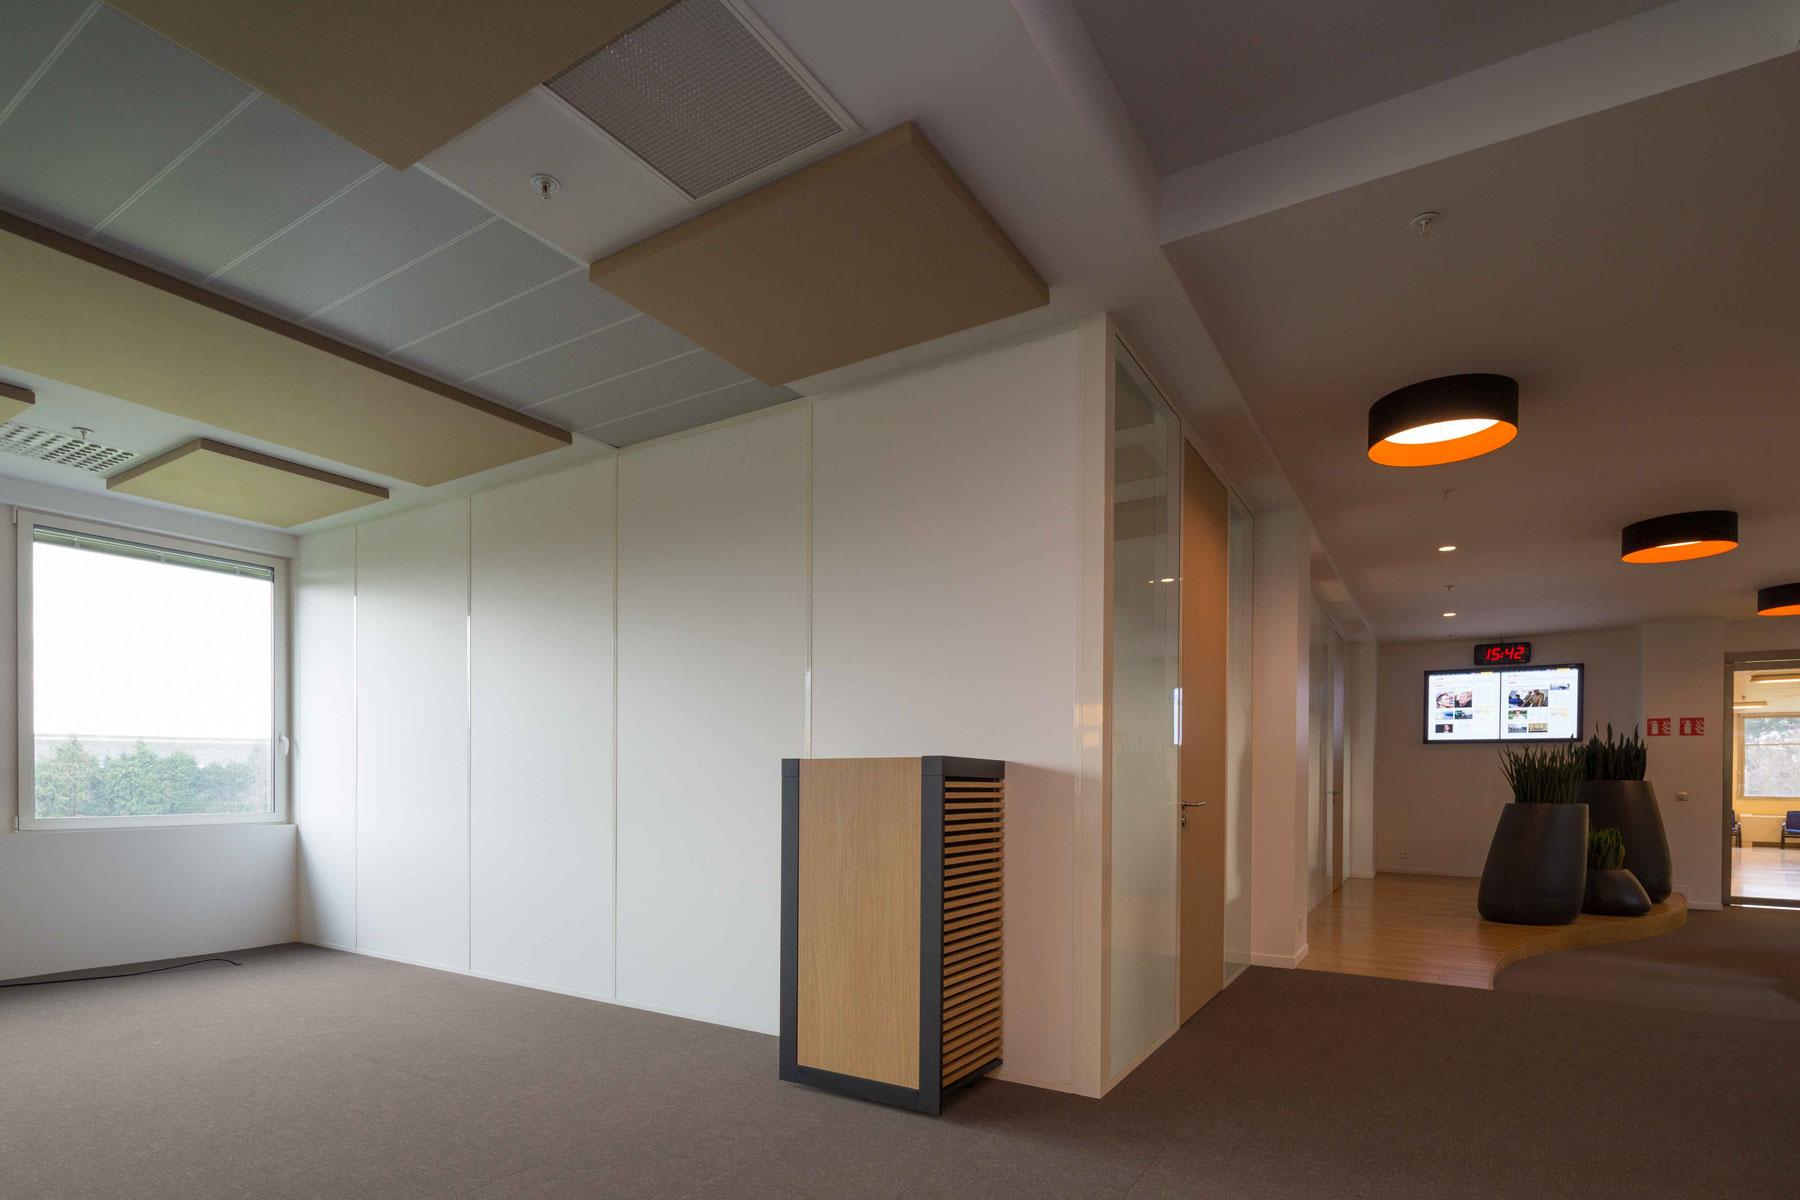 Plafond métallique - Cloisons amovibles pleines - panneaux acoustiques - plancher technique - Locaux Ouest France